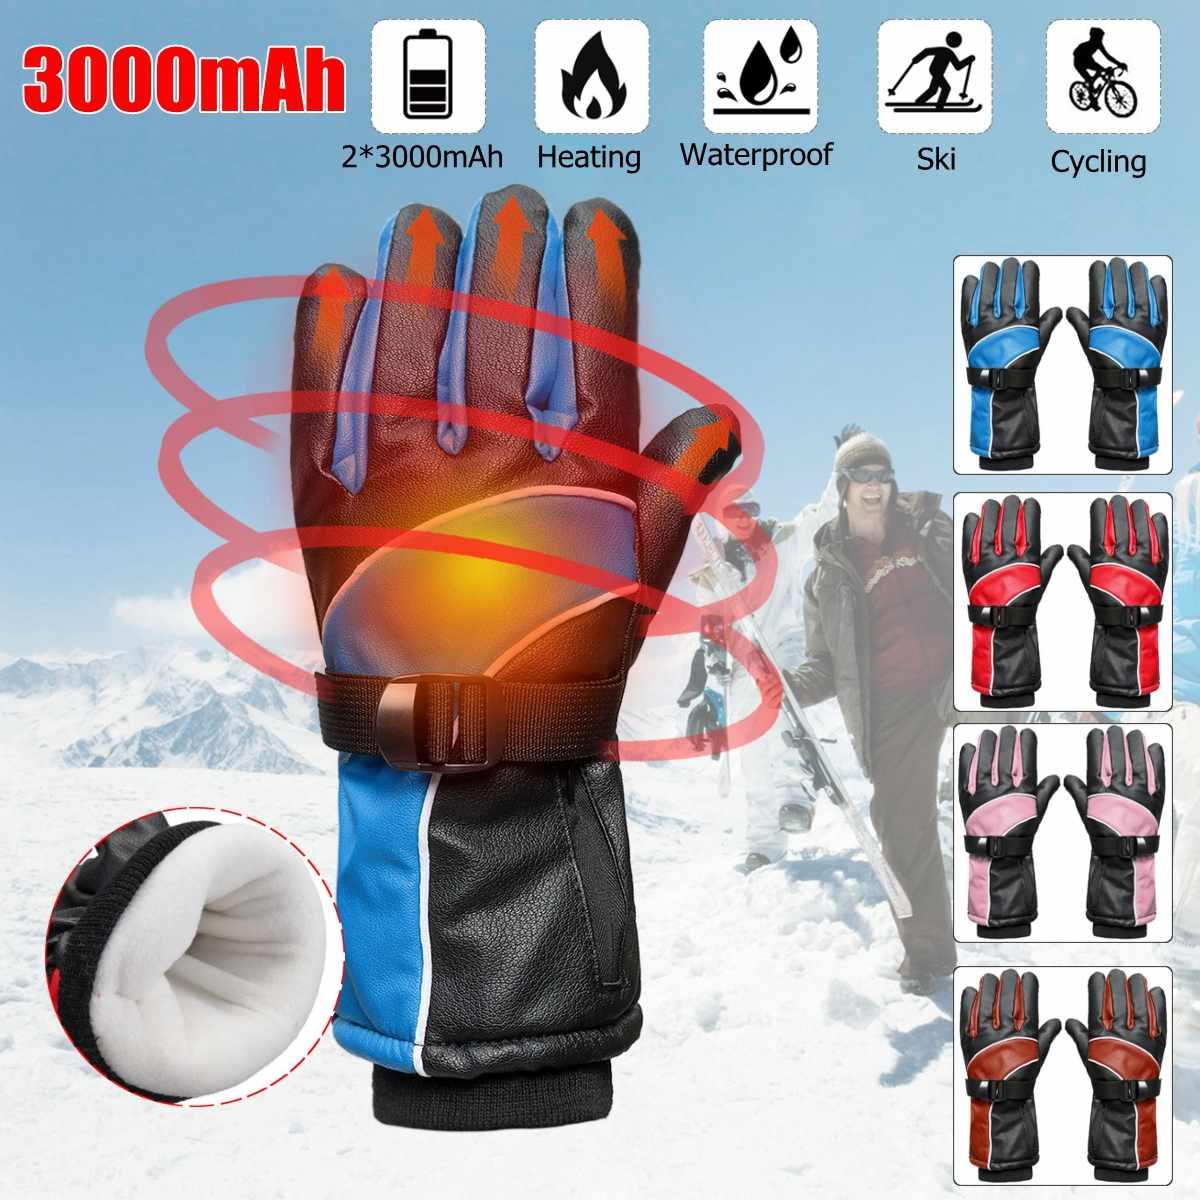 2000 мАч перезаряжаемые мотоцикл открытый перчатки с подогревом водонепроницаемый Сноубординг работы зимние руки теплые нагреватель перчат...